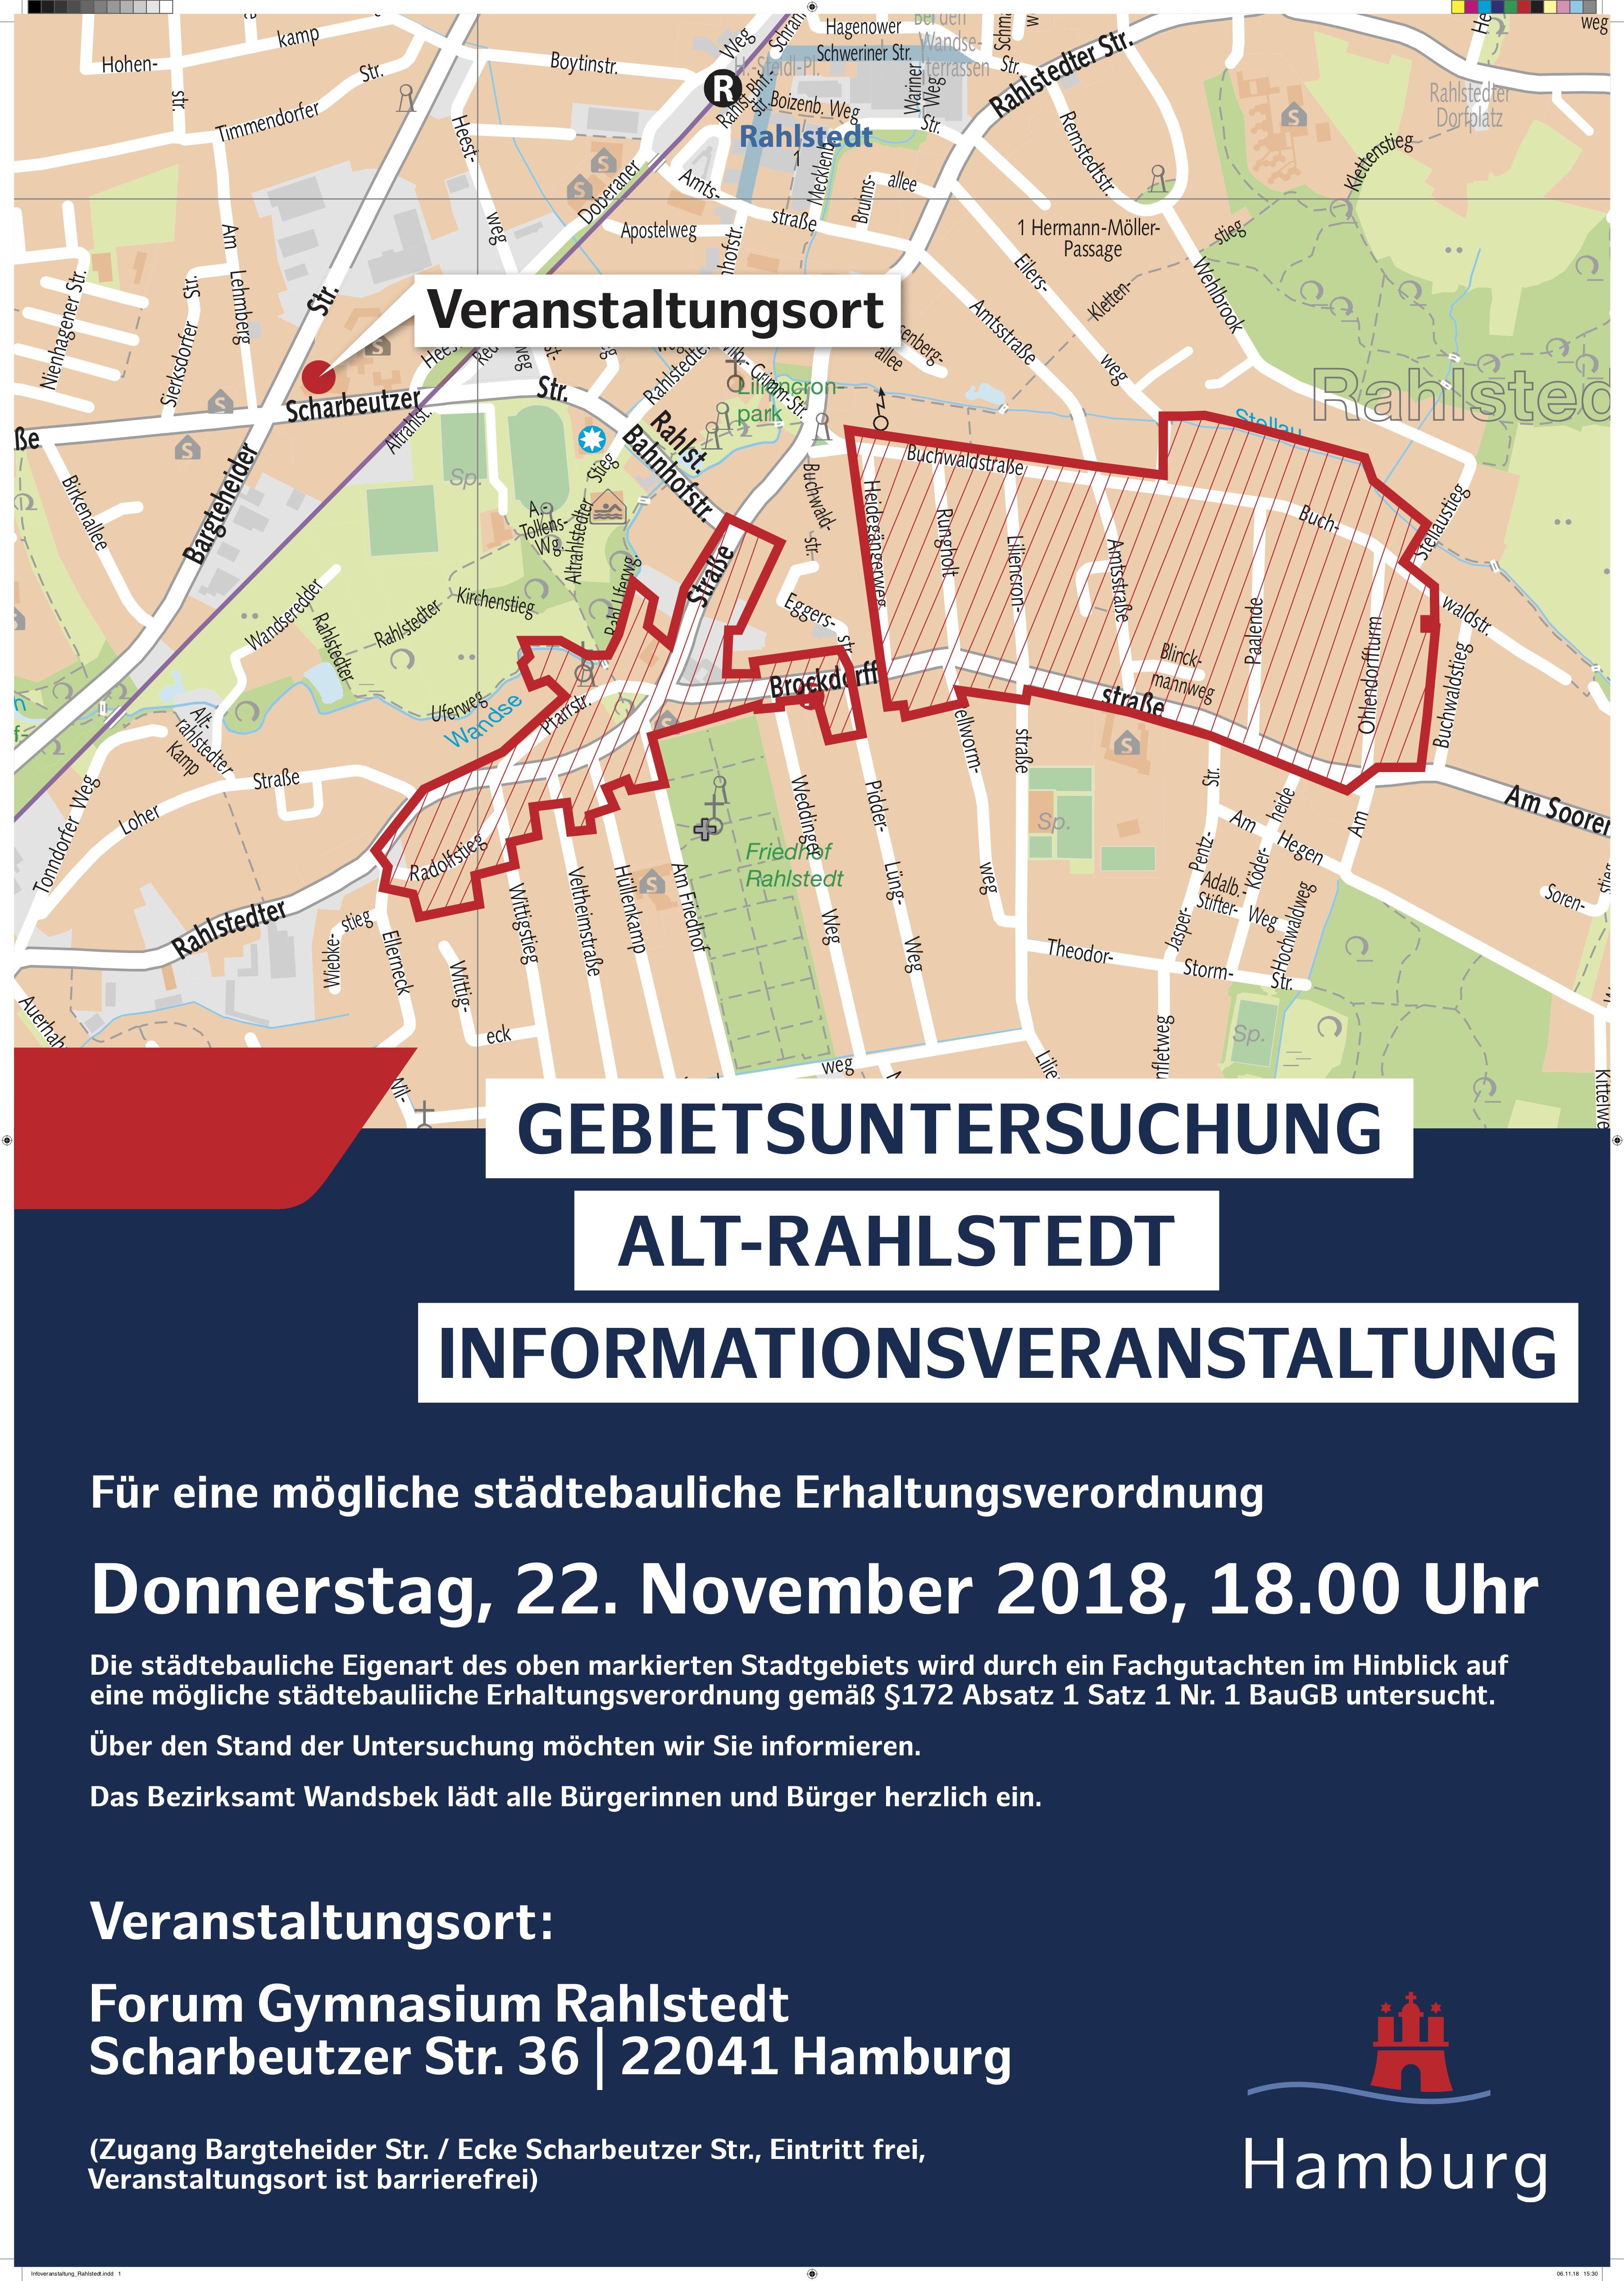 Druckdatei-Plakat_Infoveranstaltung-Rahlstedt.jpg